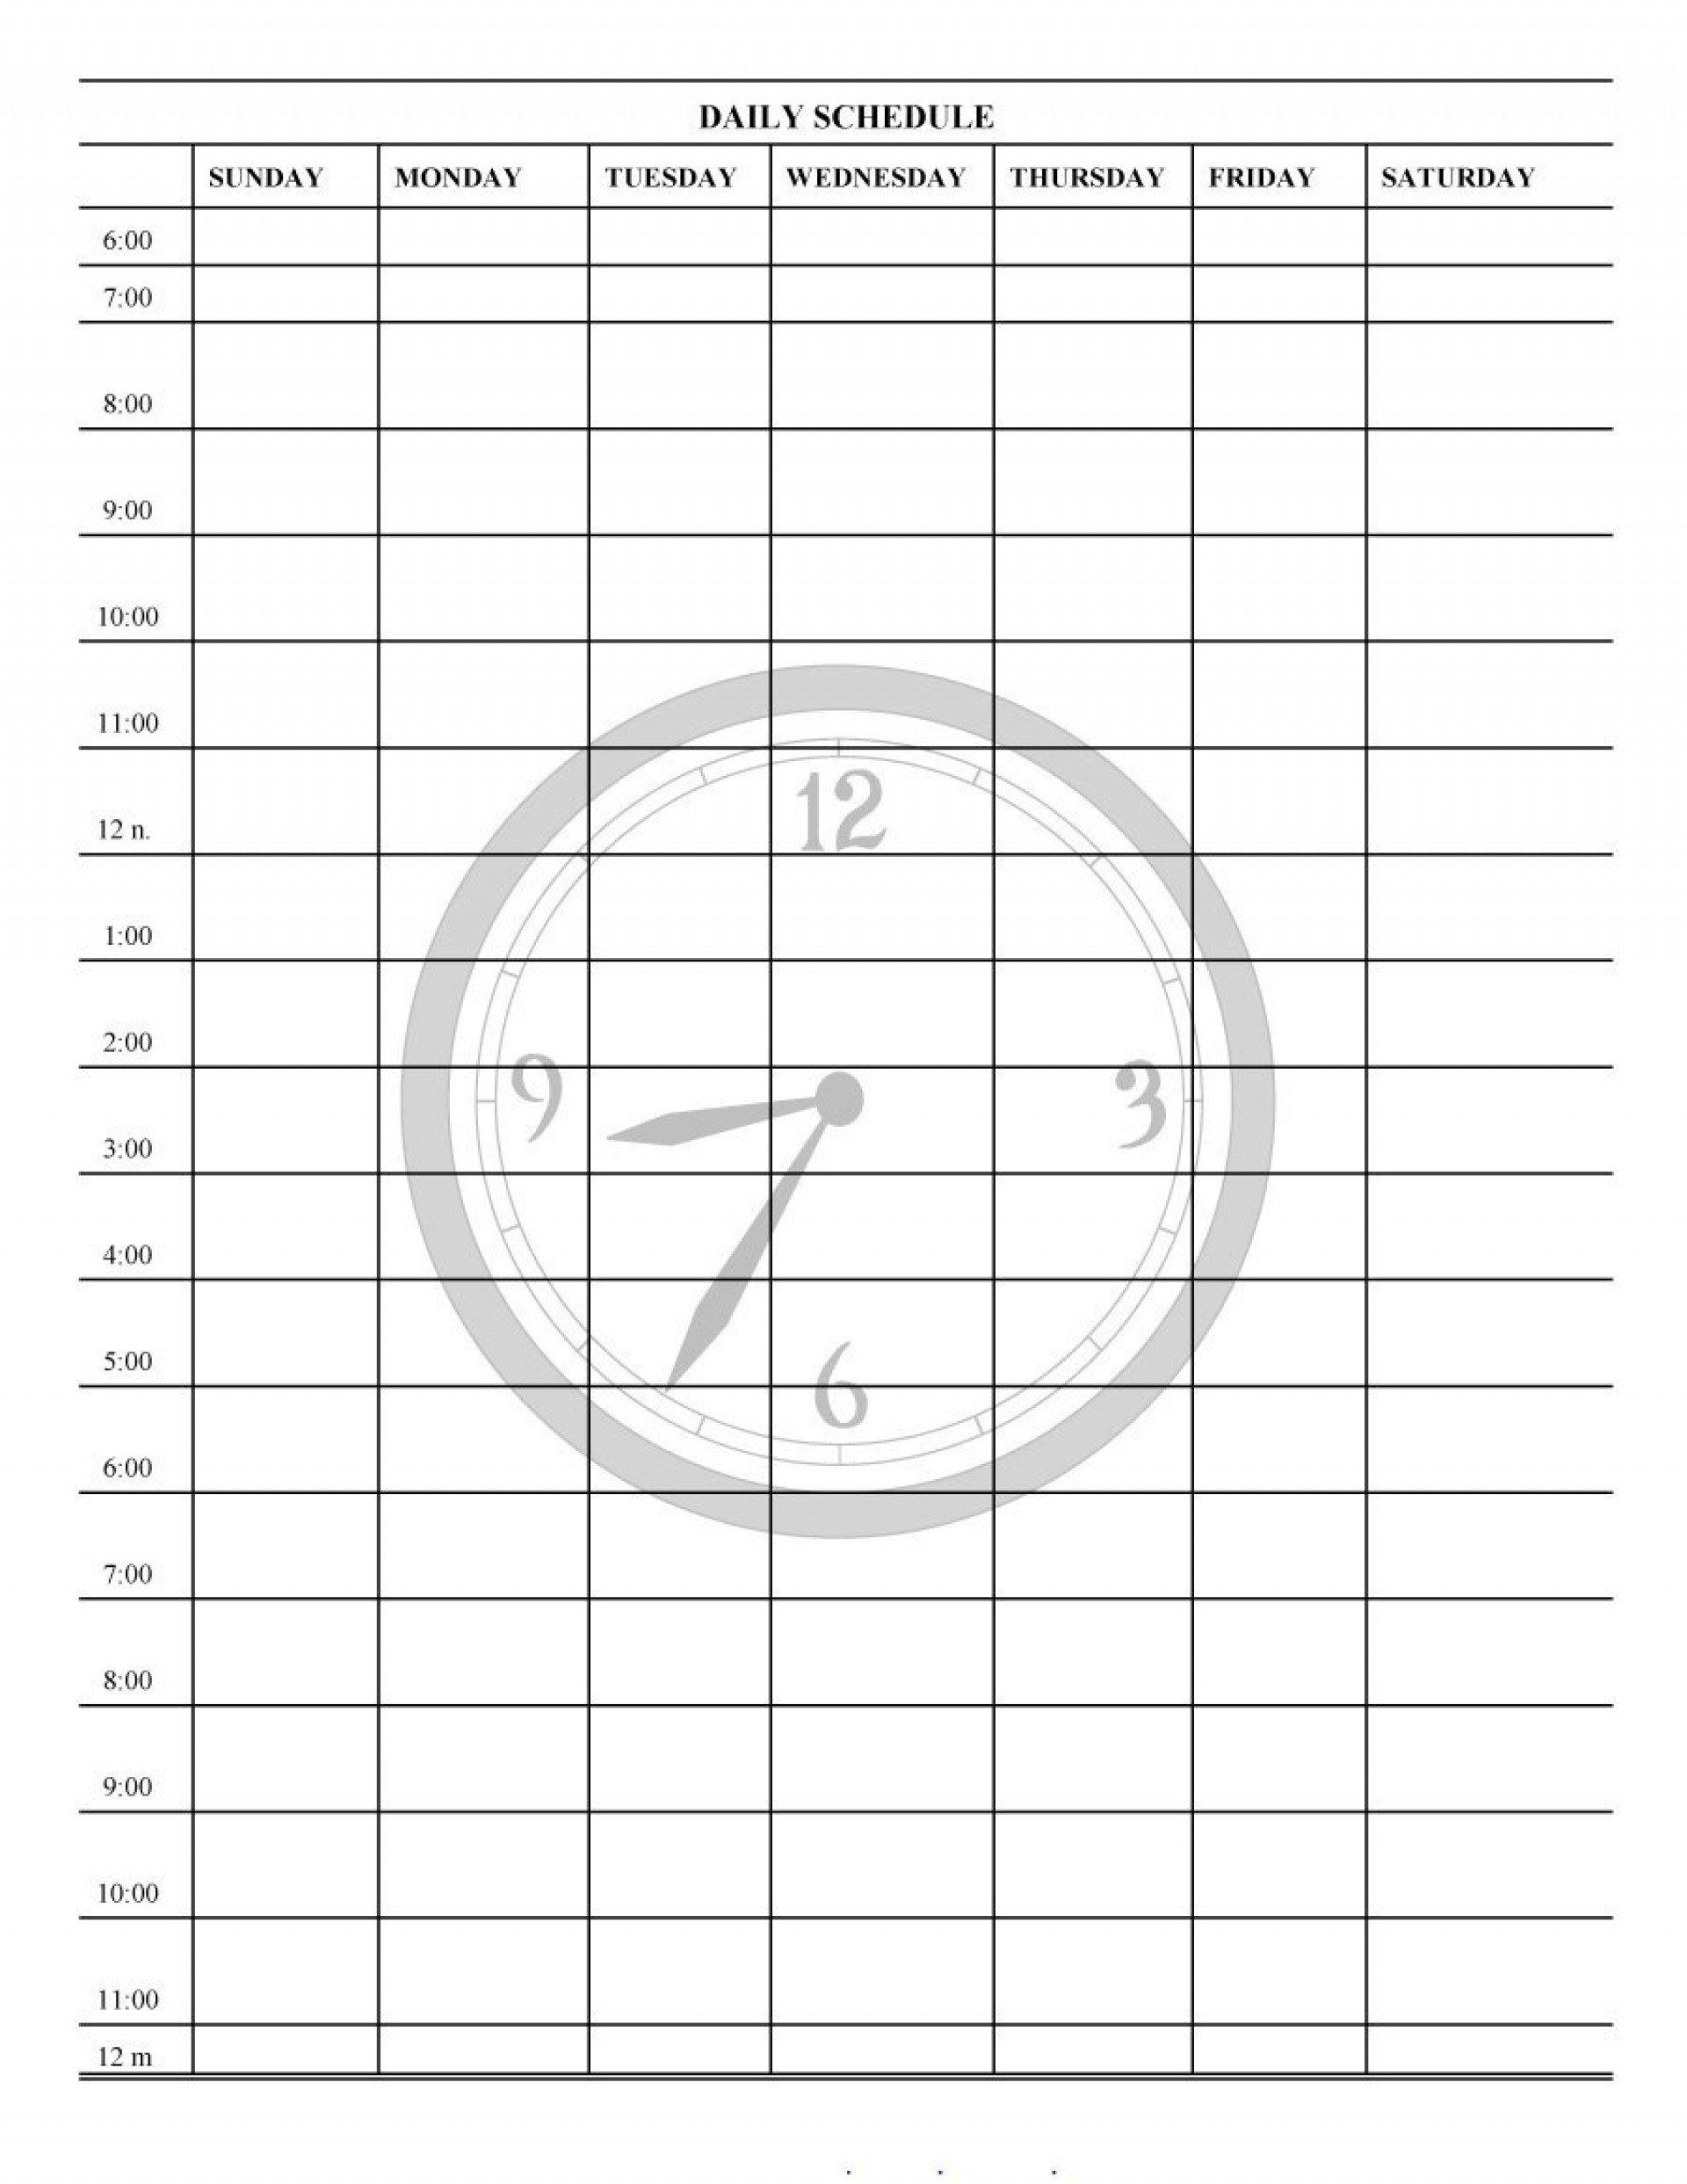 Free 24 Hour Daily Calendar Template | Daily Calendar Printable Day Calendar Hour